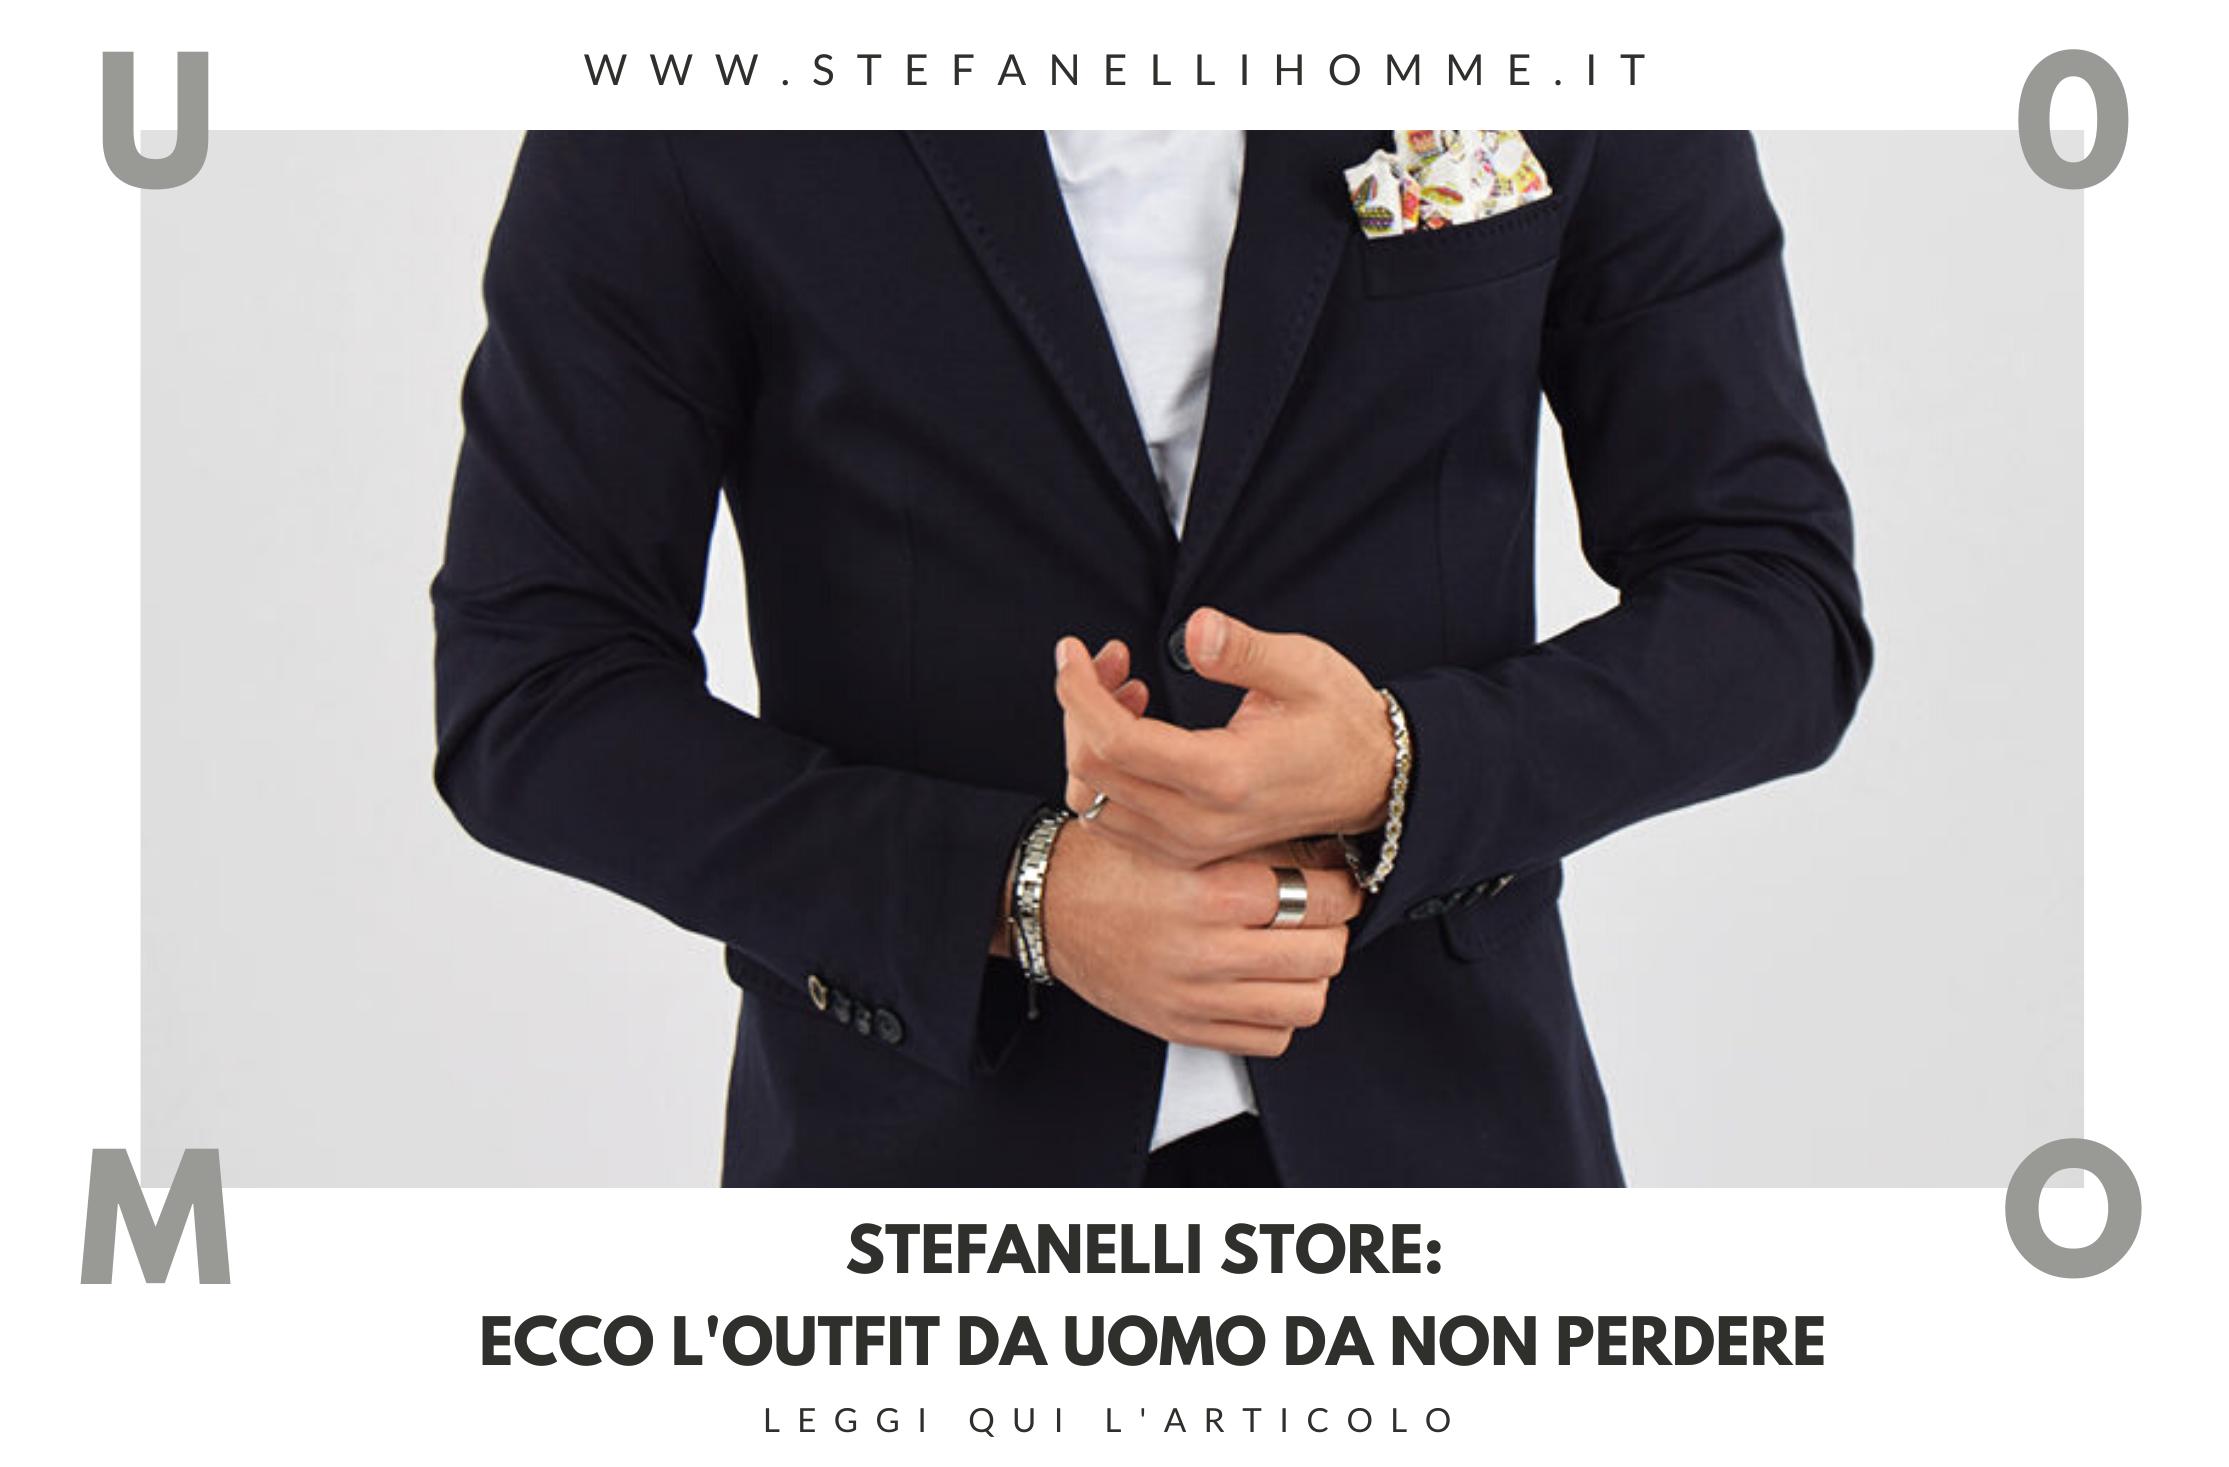 Stefanelli Store: ecco l'outfit da uomo da non perdere